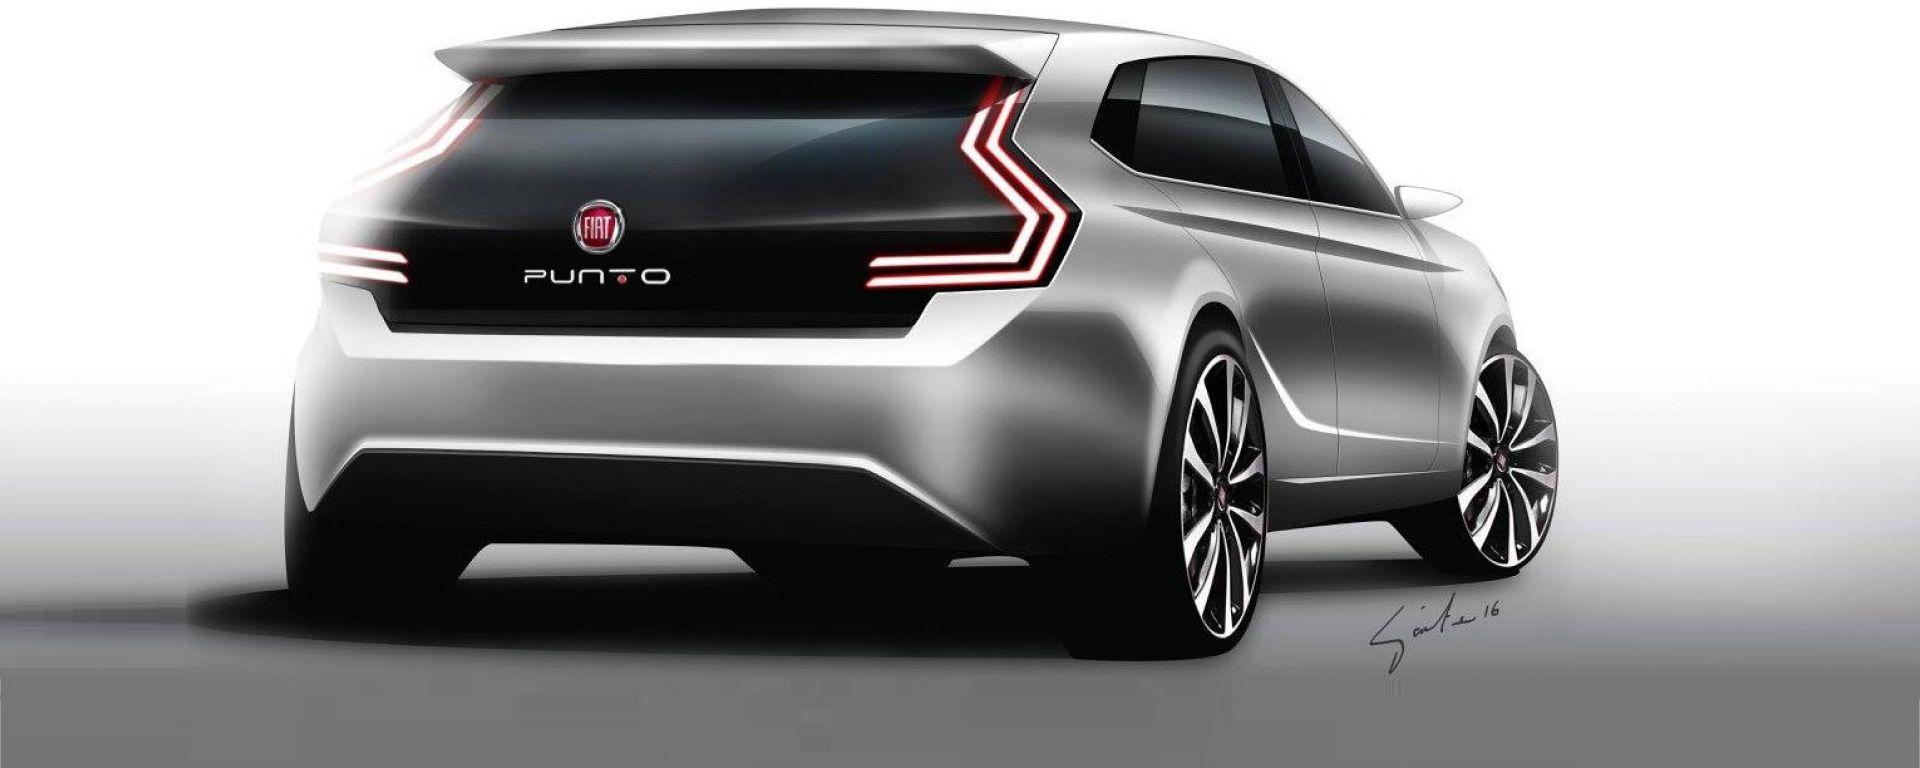 Nuova Fiat Punto 2019: la produzione sarà in Serbia, non ...